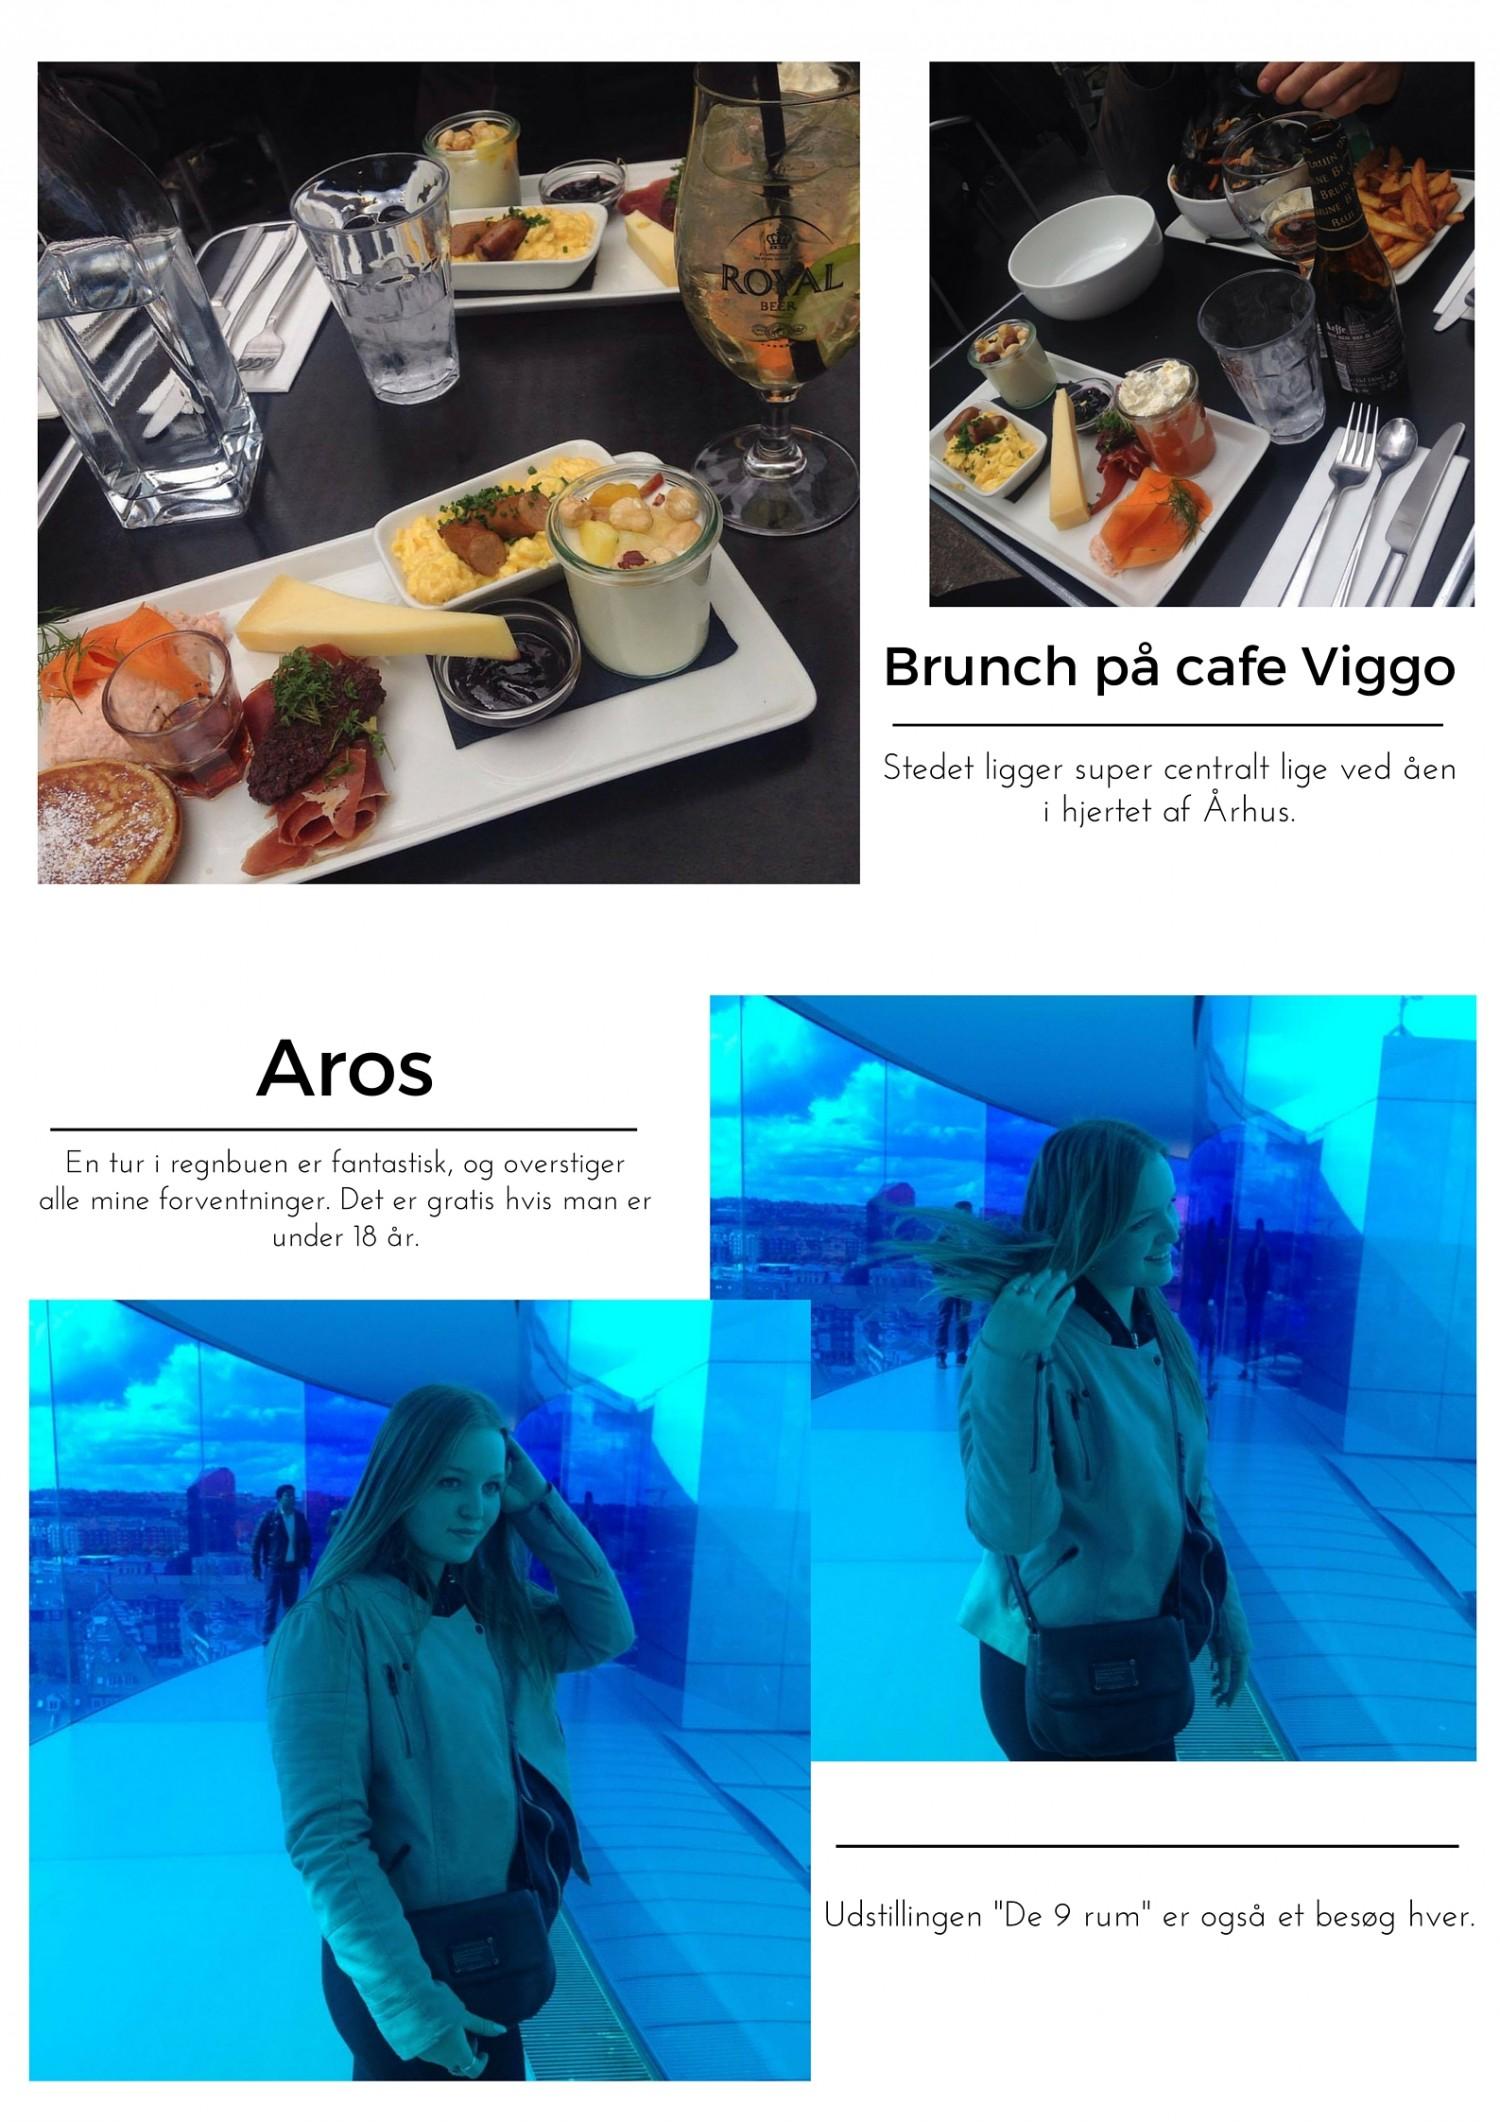 Brunch på Cafe Viggo. Stedet lægger super centralt lige ved åen i hjertet af Århus